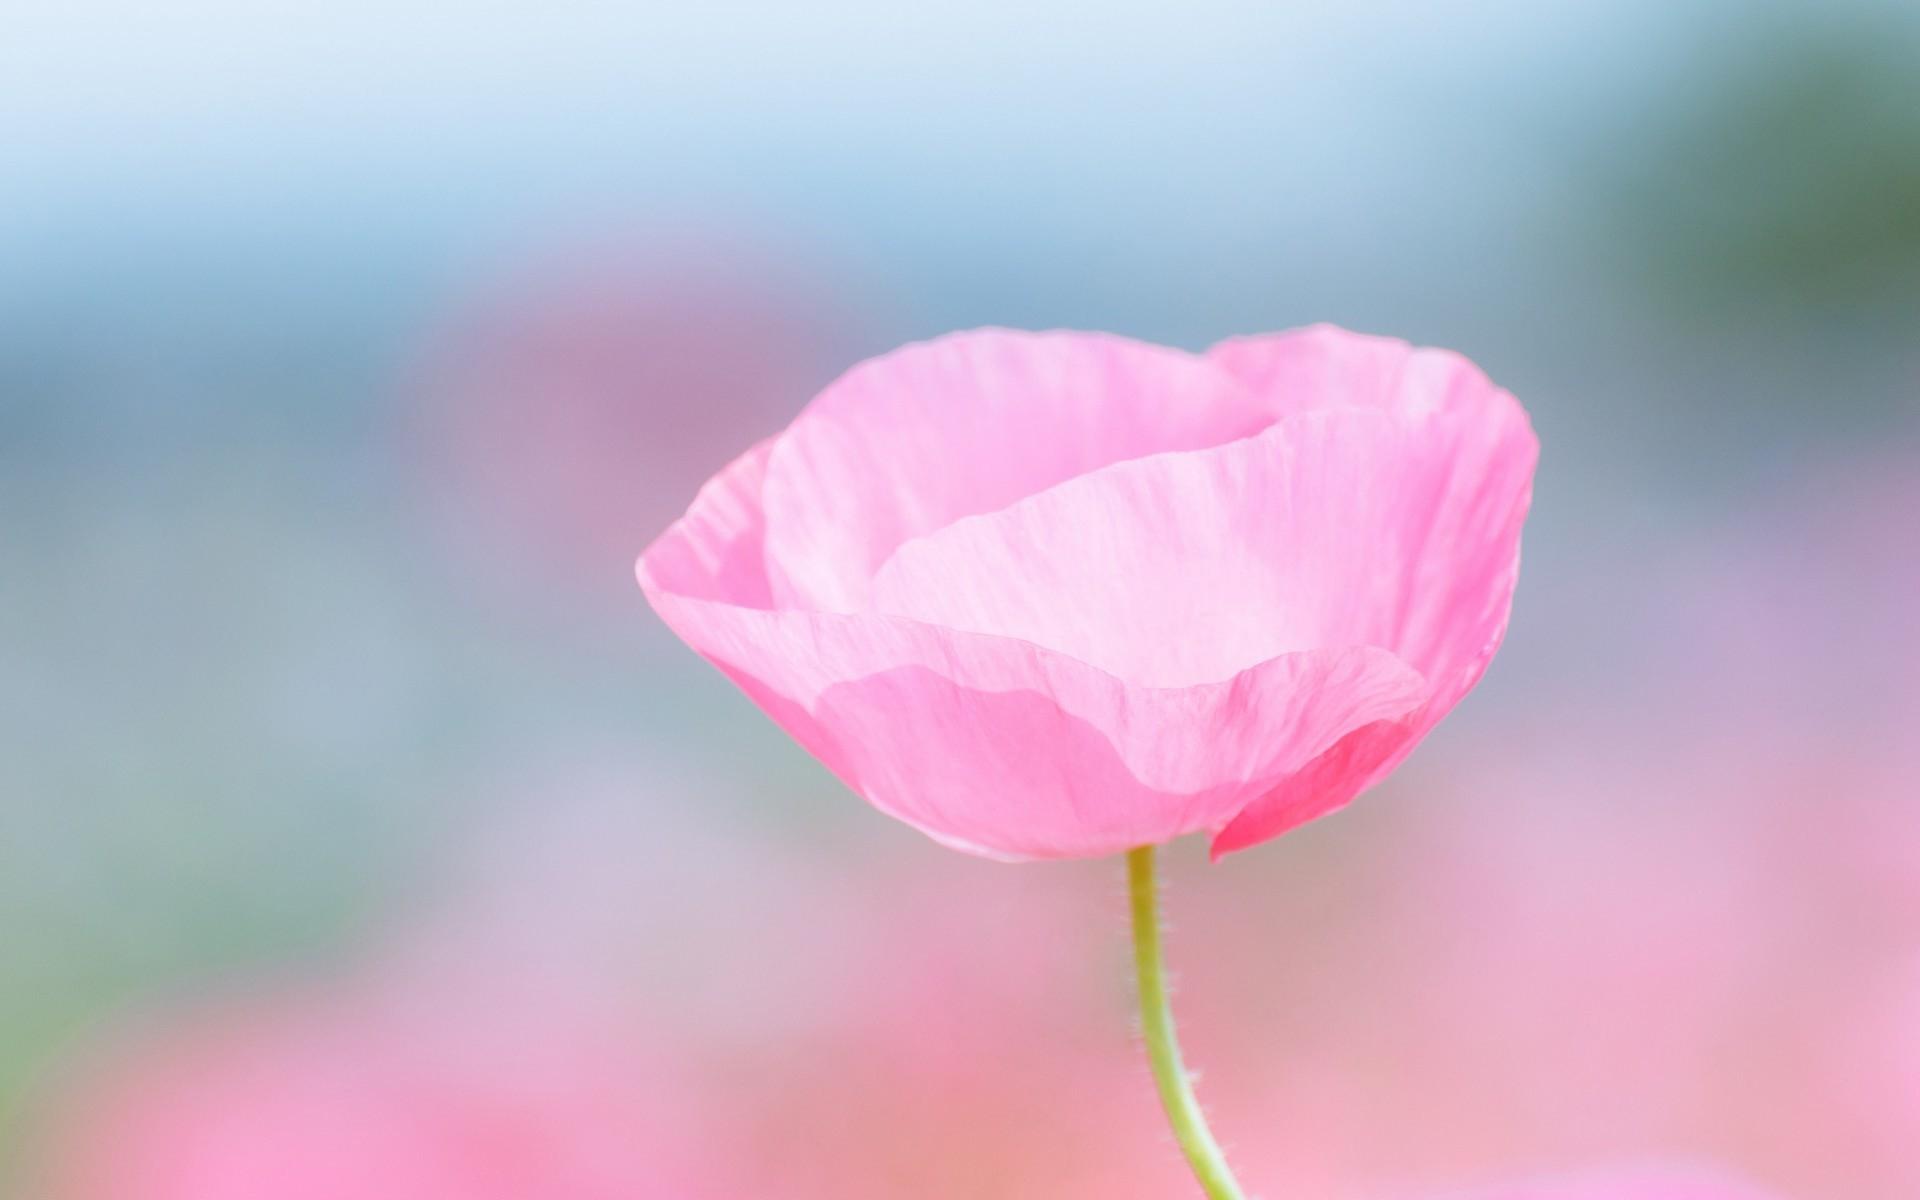 Wallpaper Petals Blossom Pink Flower Poppy Flora Bud Petal